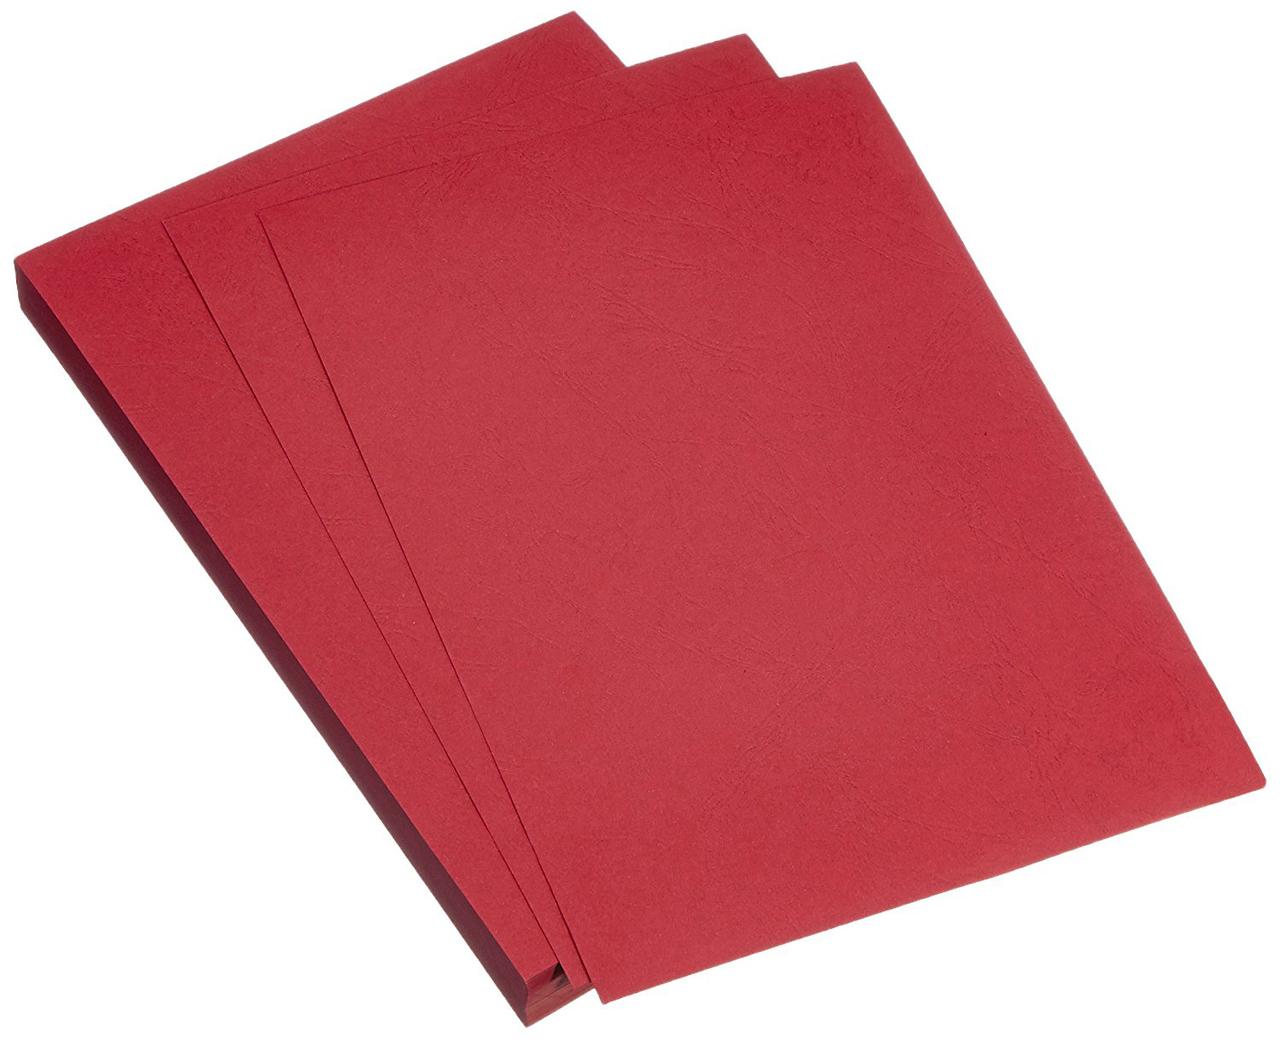 Einbanddeckel rot